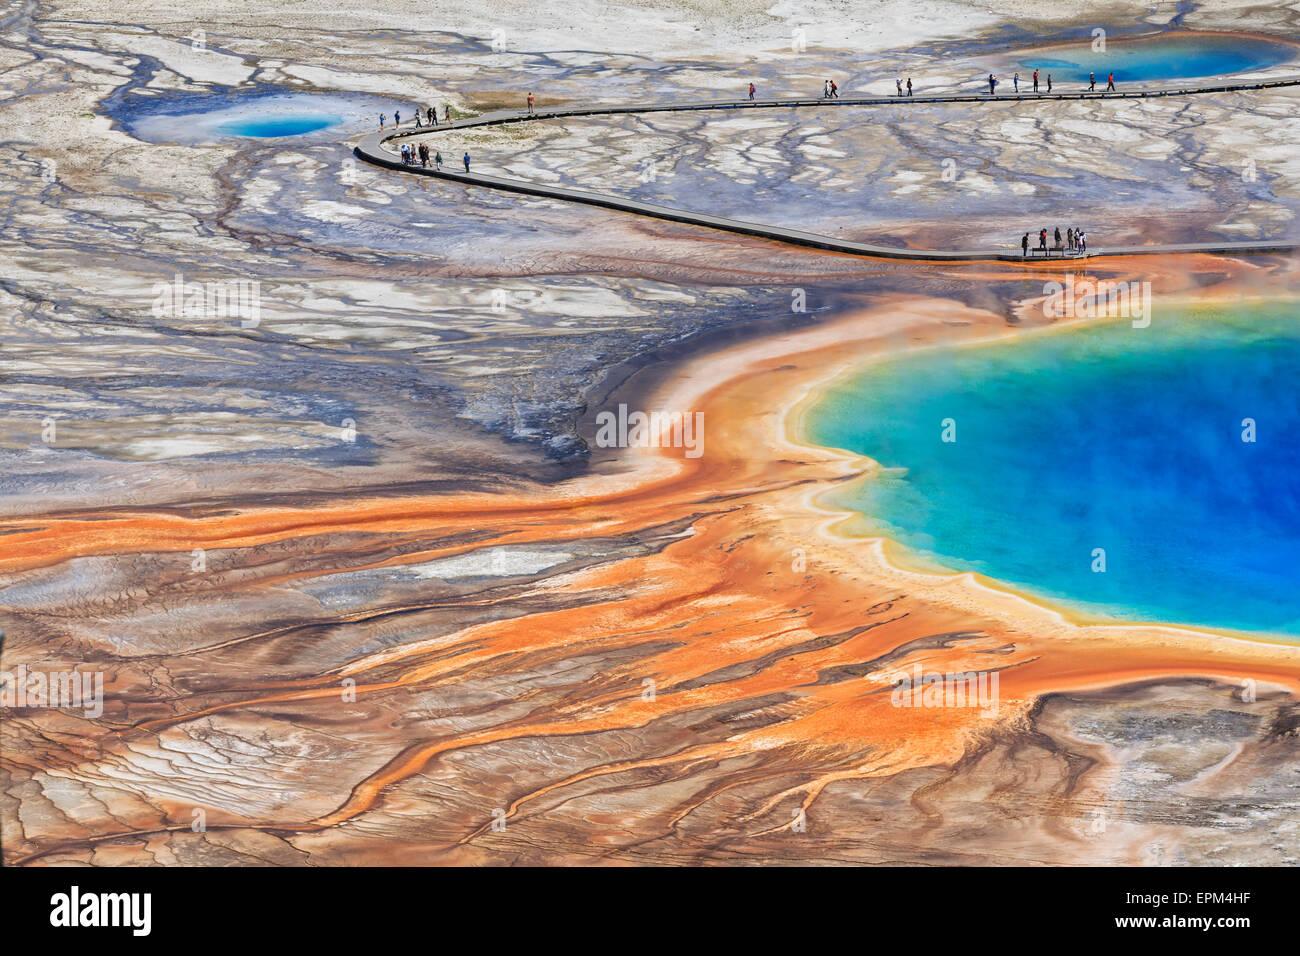 Ee.Uu., el Parque Nacional de Yellowstone, Bajar Geyser Basin, Midway Geyser Basin, Grand Prismatic Spring, niveles Imagen De Stock